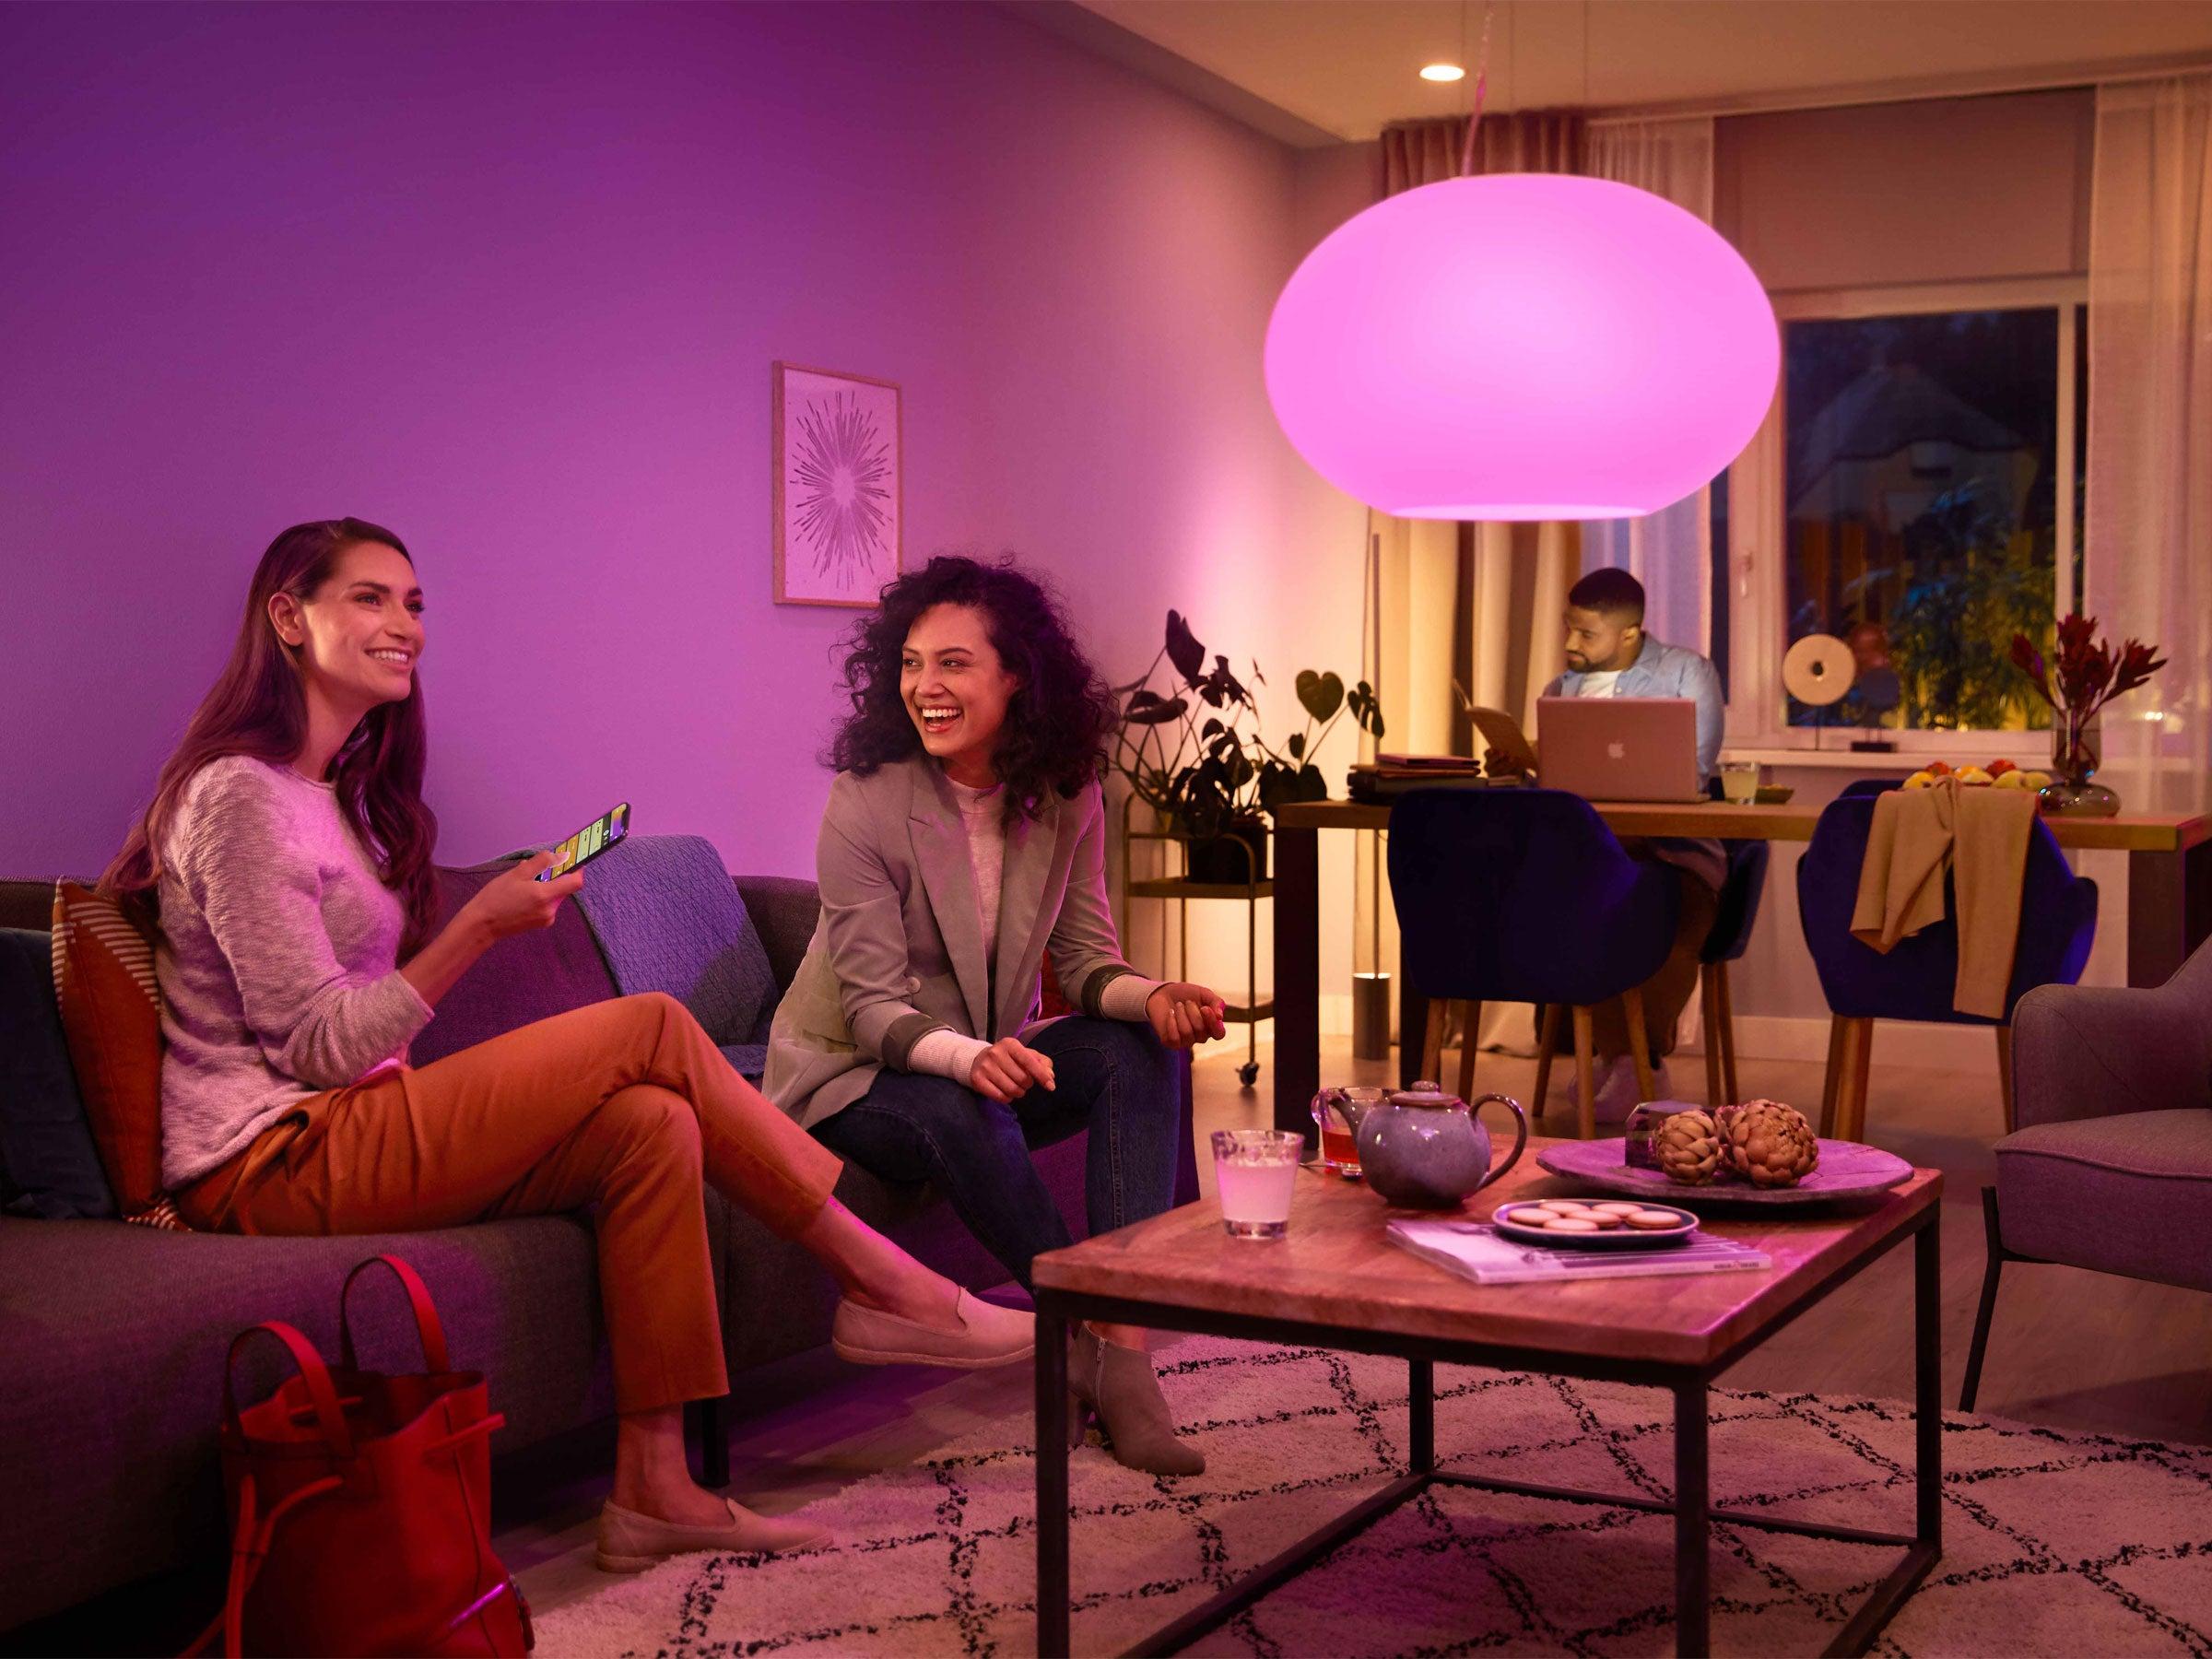 Neuheiten von Philips Hue: Diese Lampen erleuchten dein Smart Home